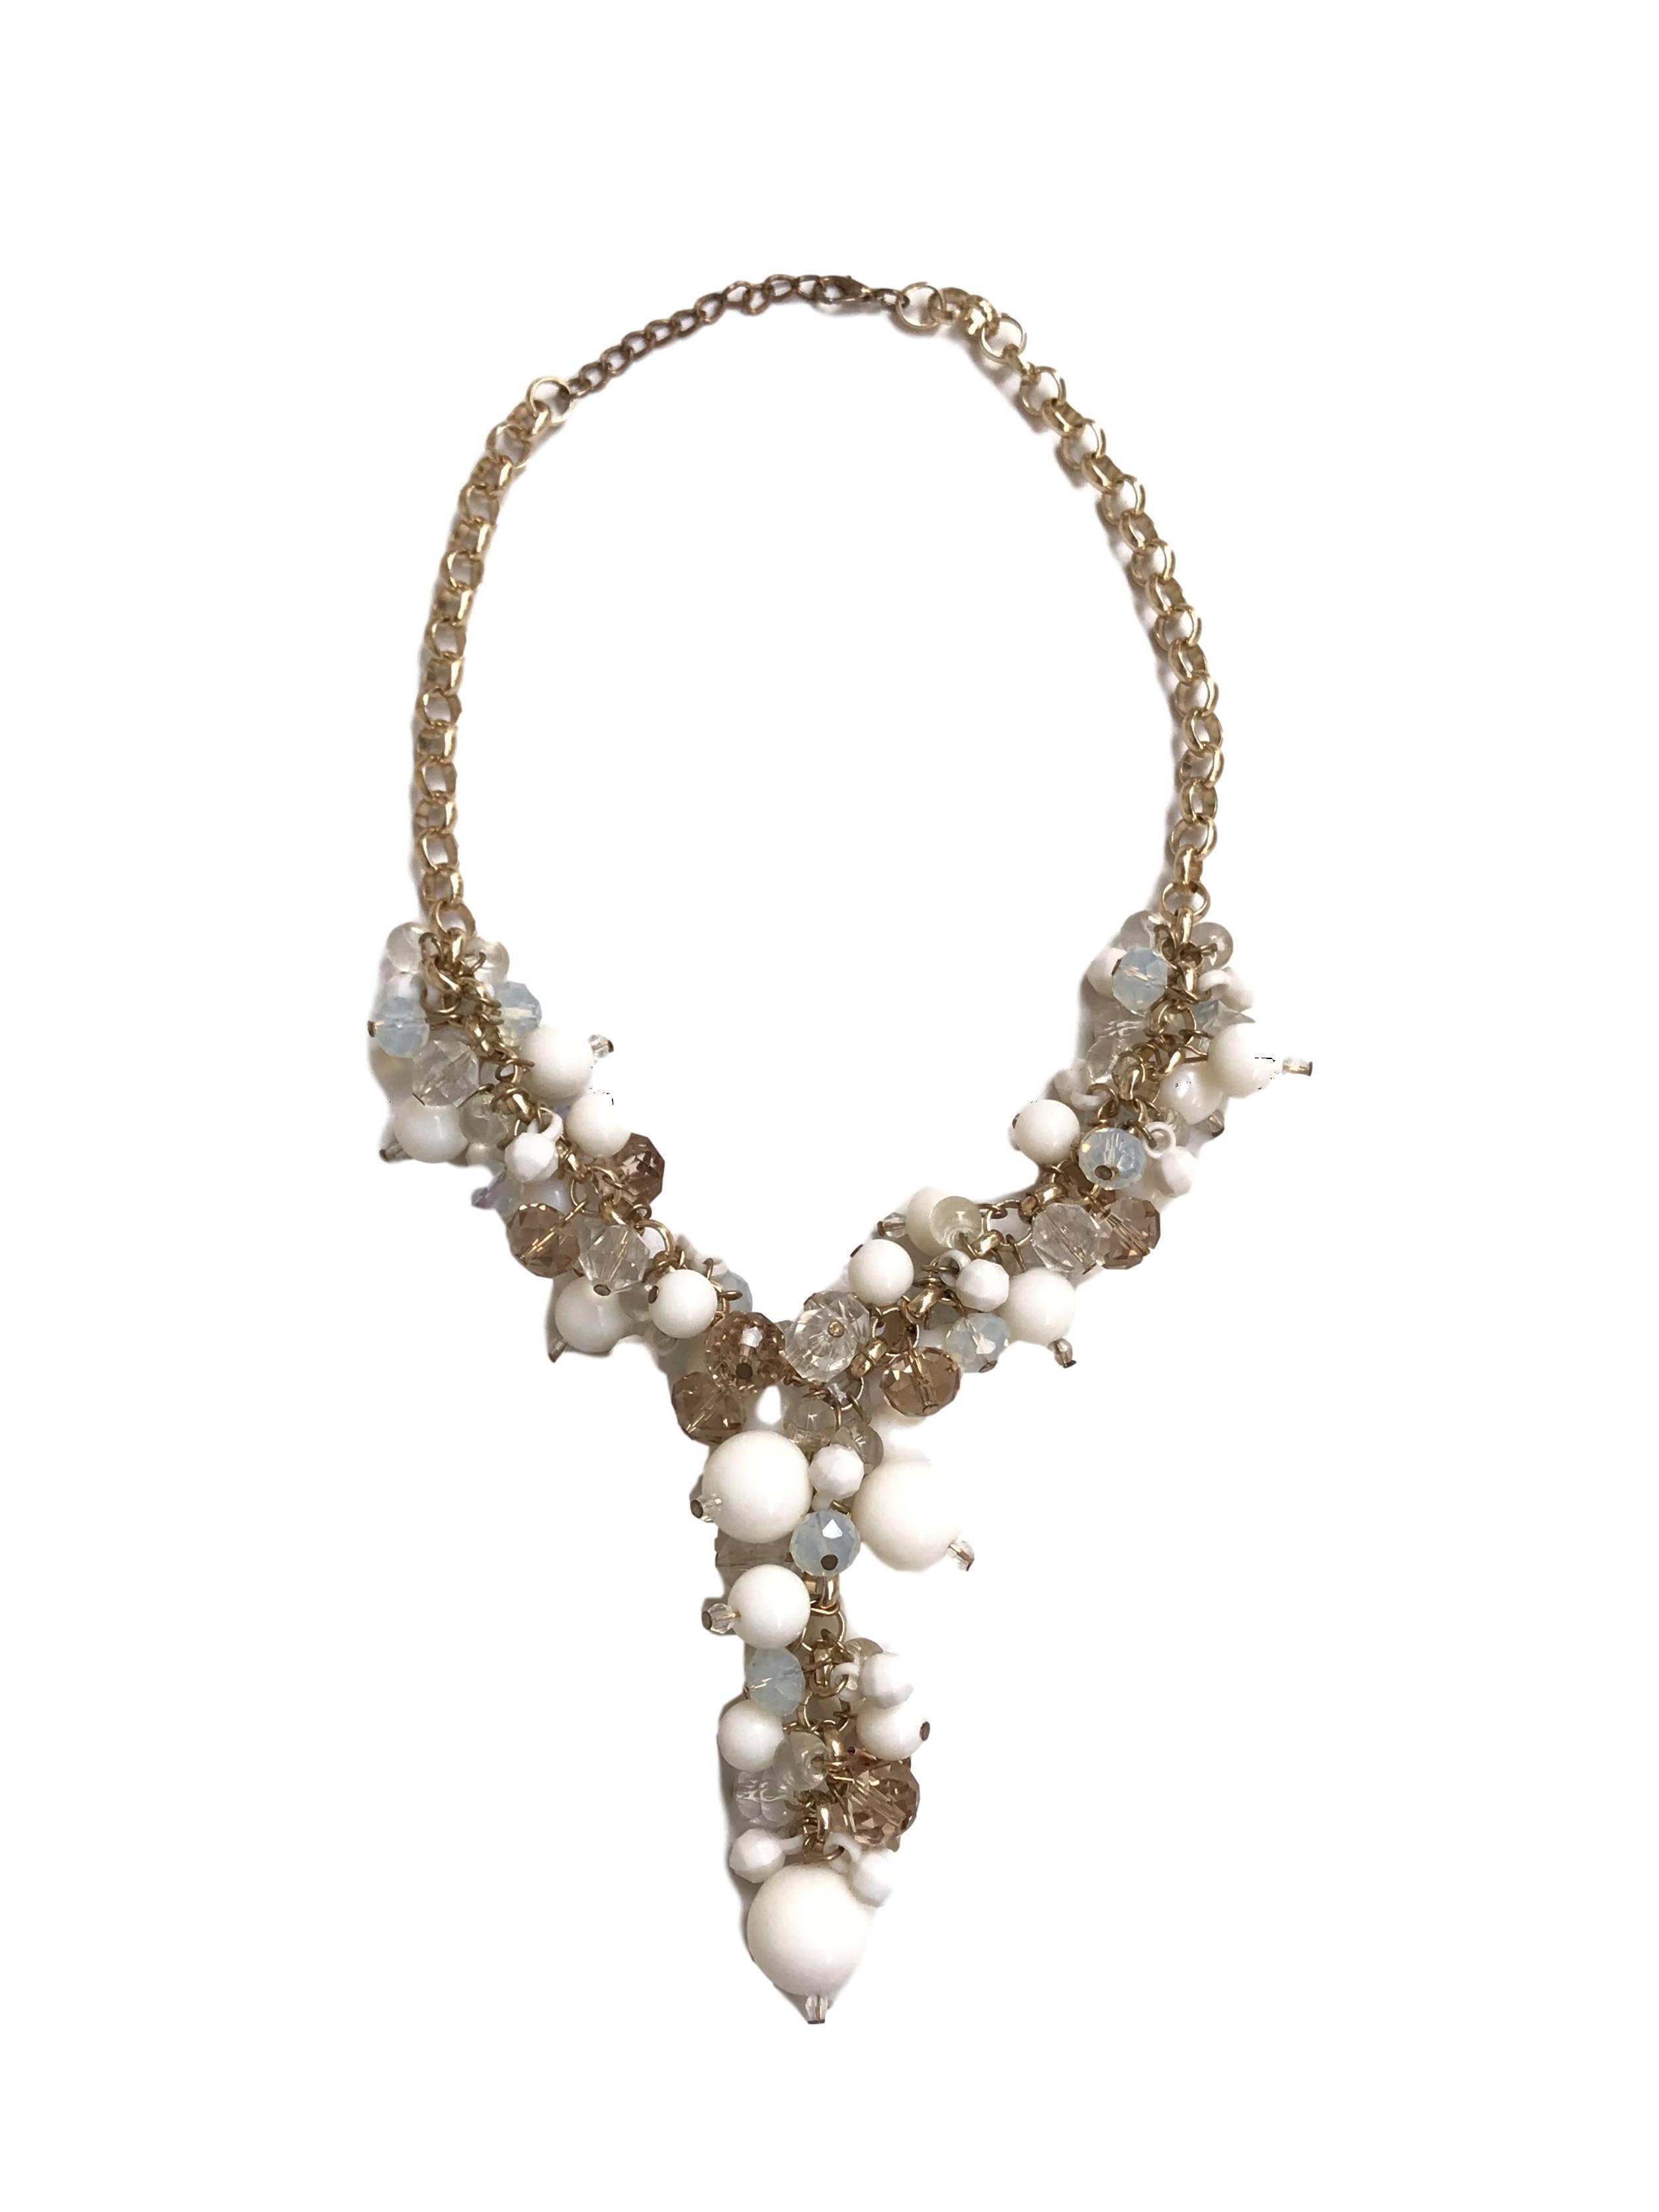 Collar cadena dorada con cuentas blancas y transparentes. Largo 46cm (+5cm regulables)